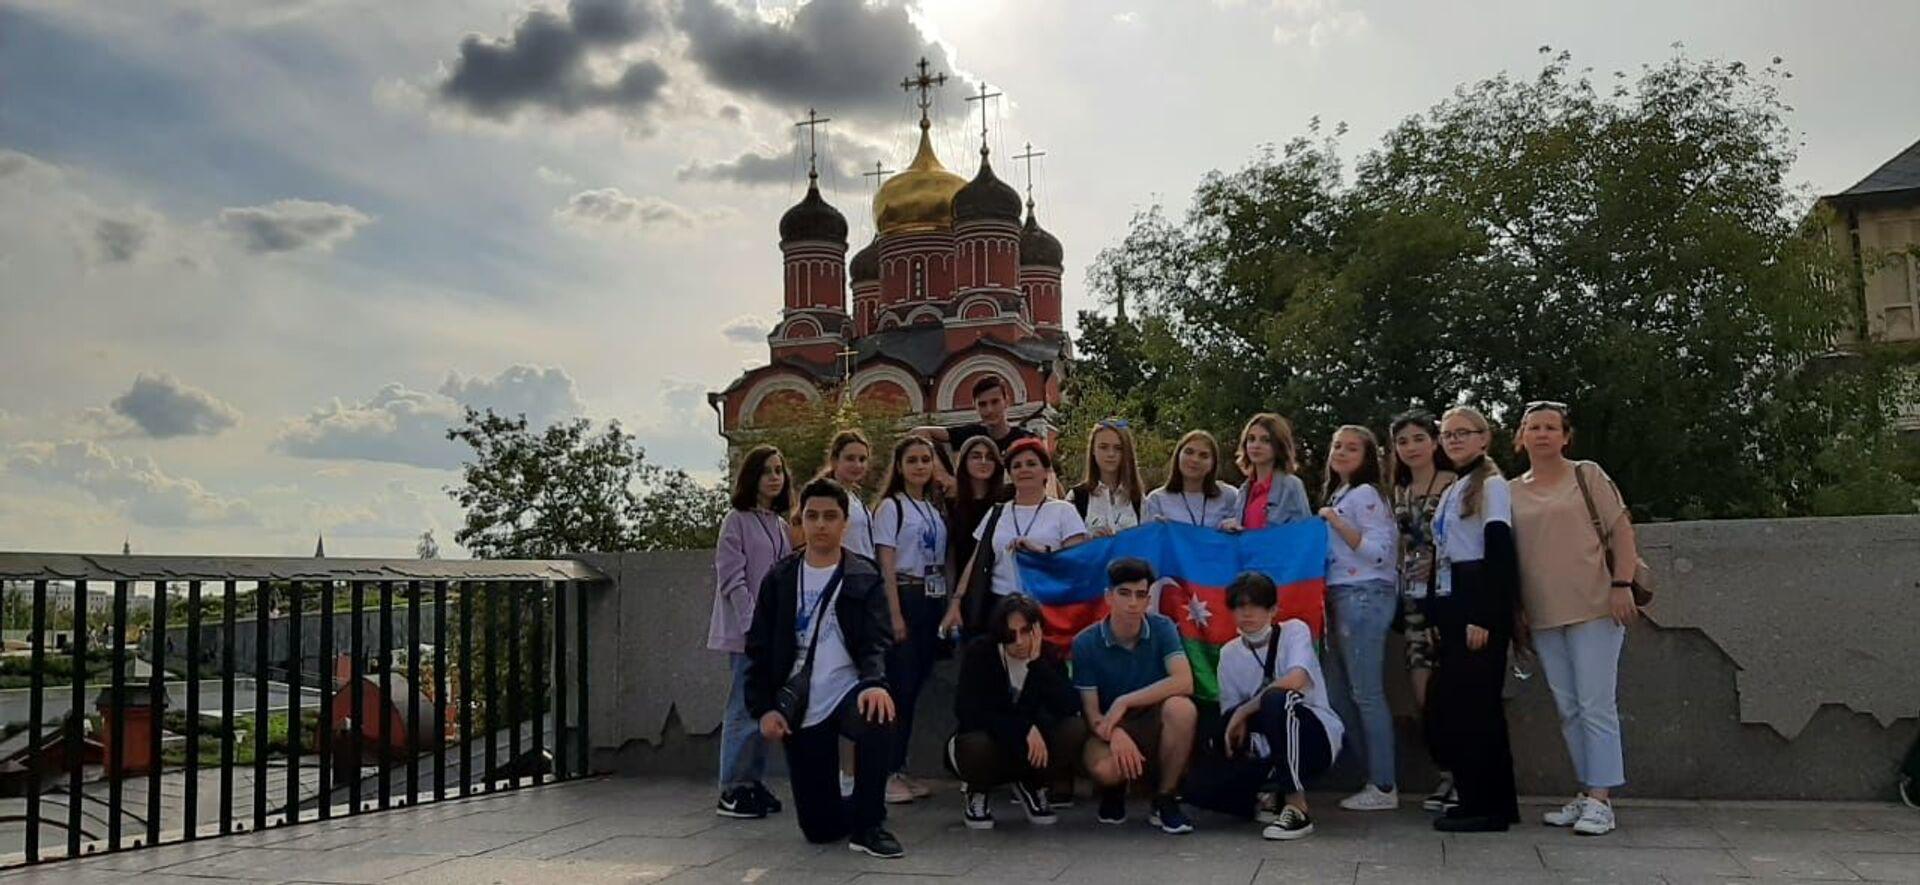 Участники программы программы Здравствуй, Россия! - Sputnik Азербайджан, 1920, 01.10.2021